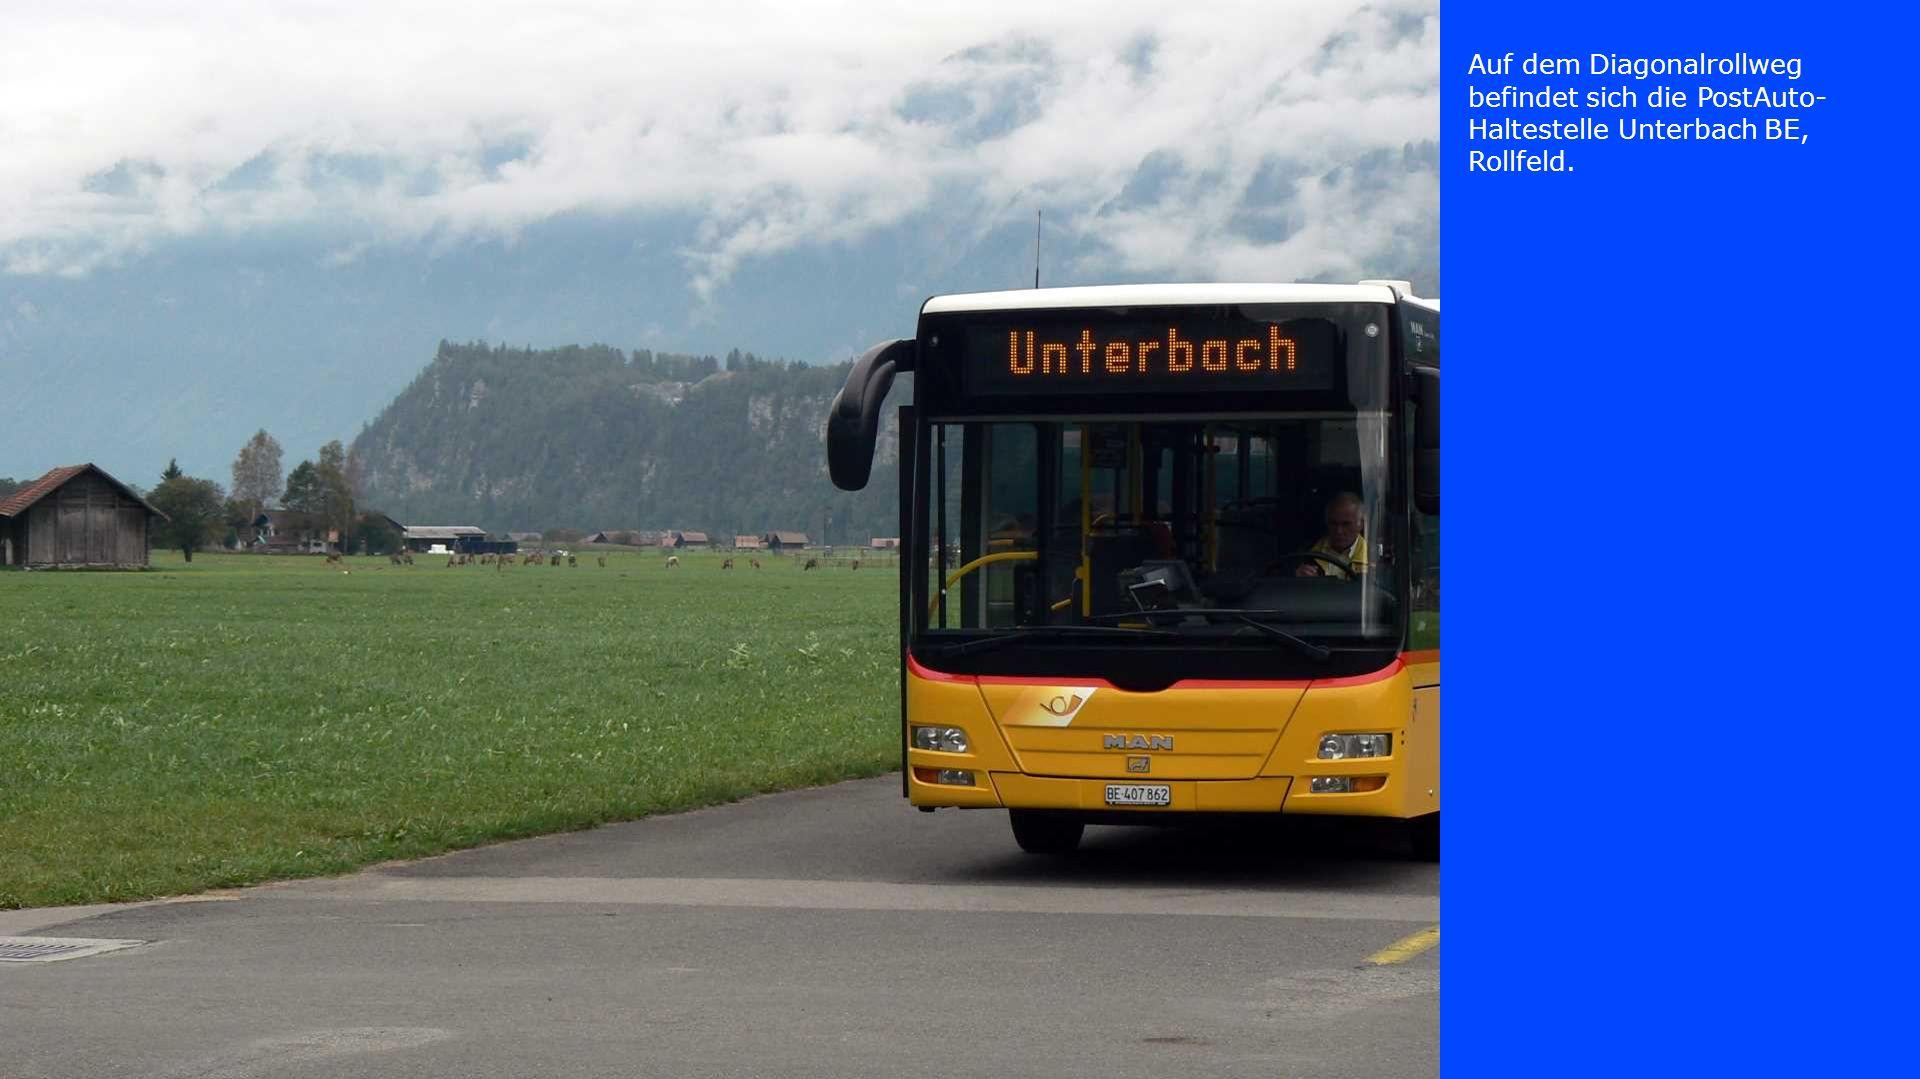 Auf dem Diagonalrollweg befindet sich die PostAuto-Haltestelle Unterbach BE, Rollfeld.